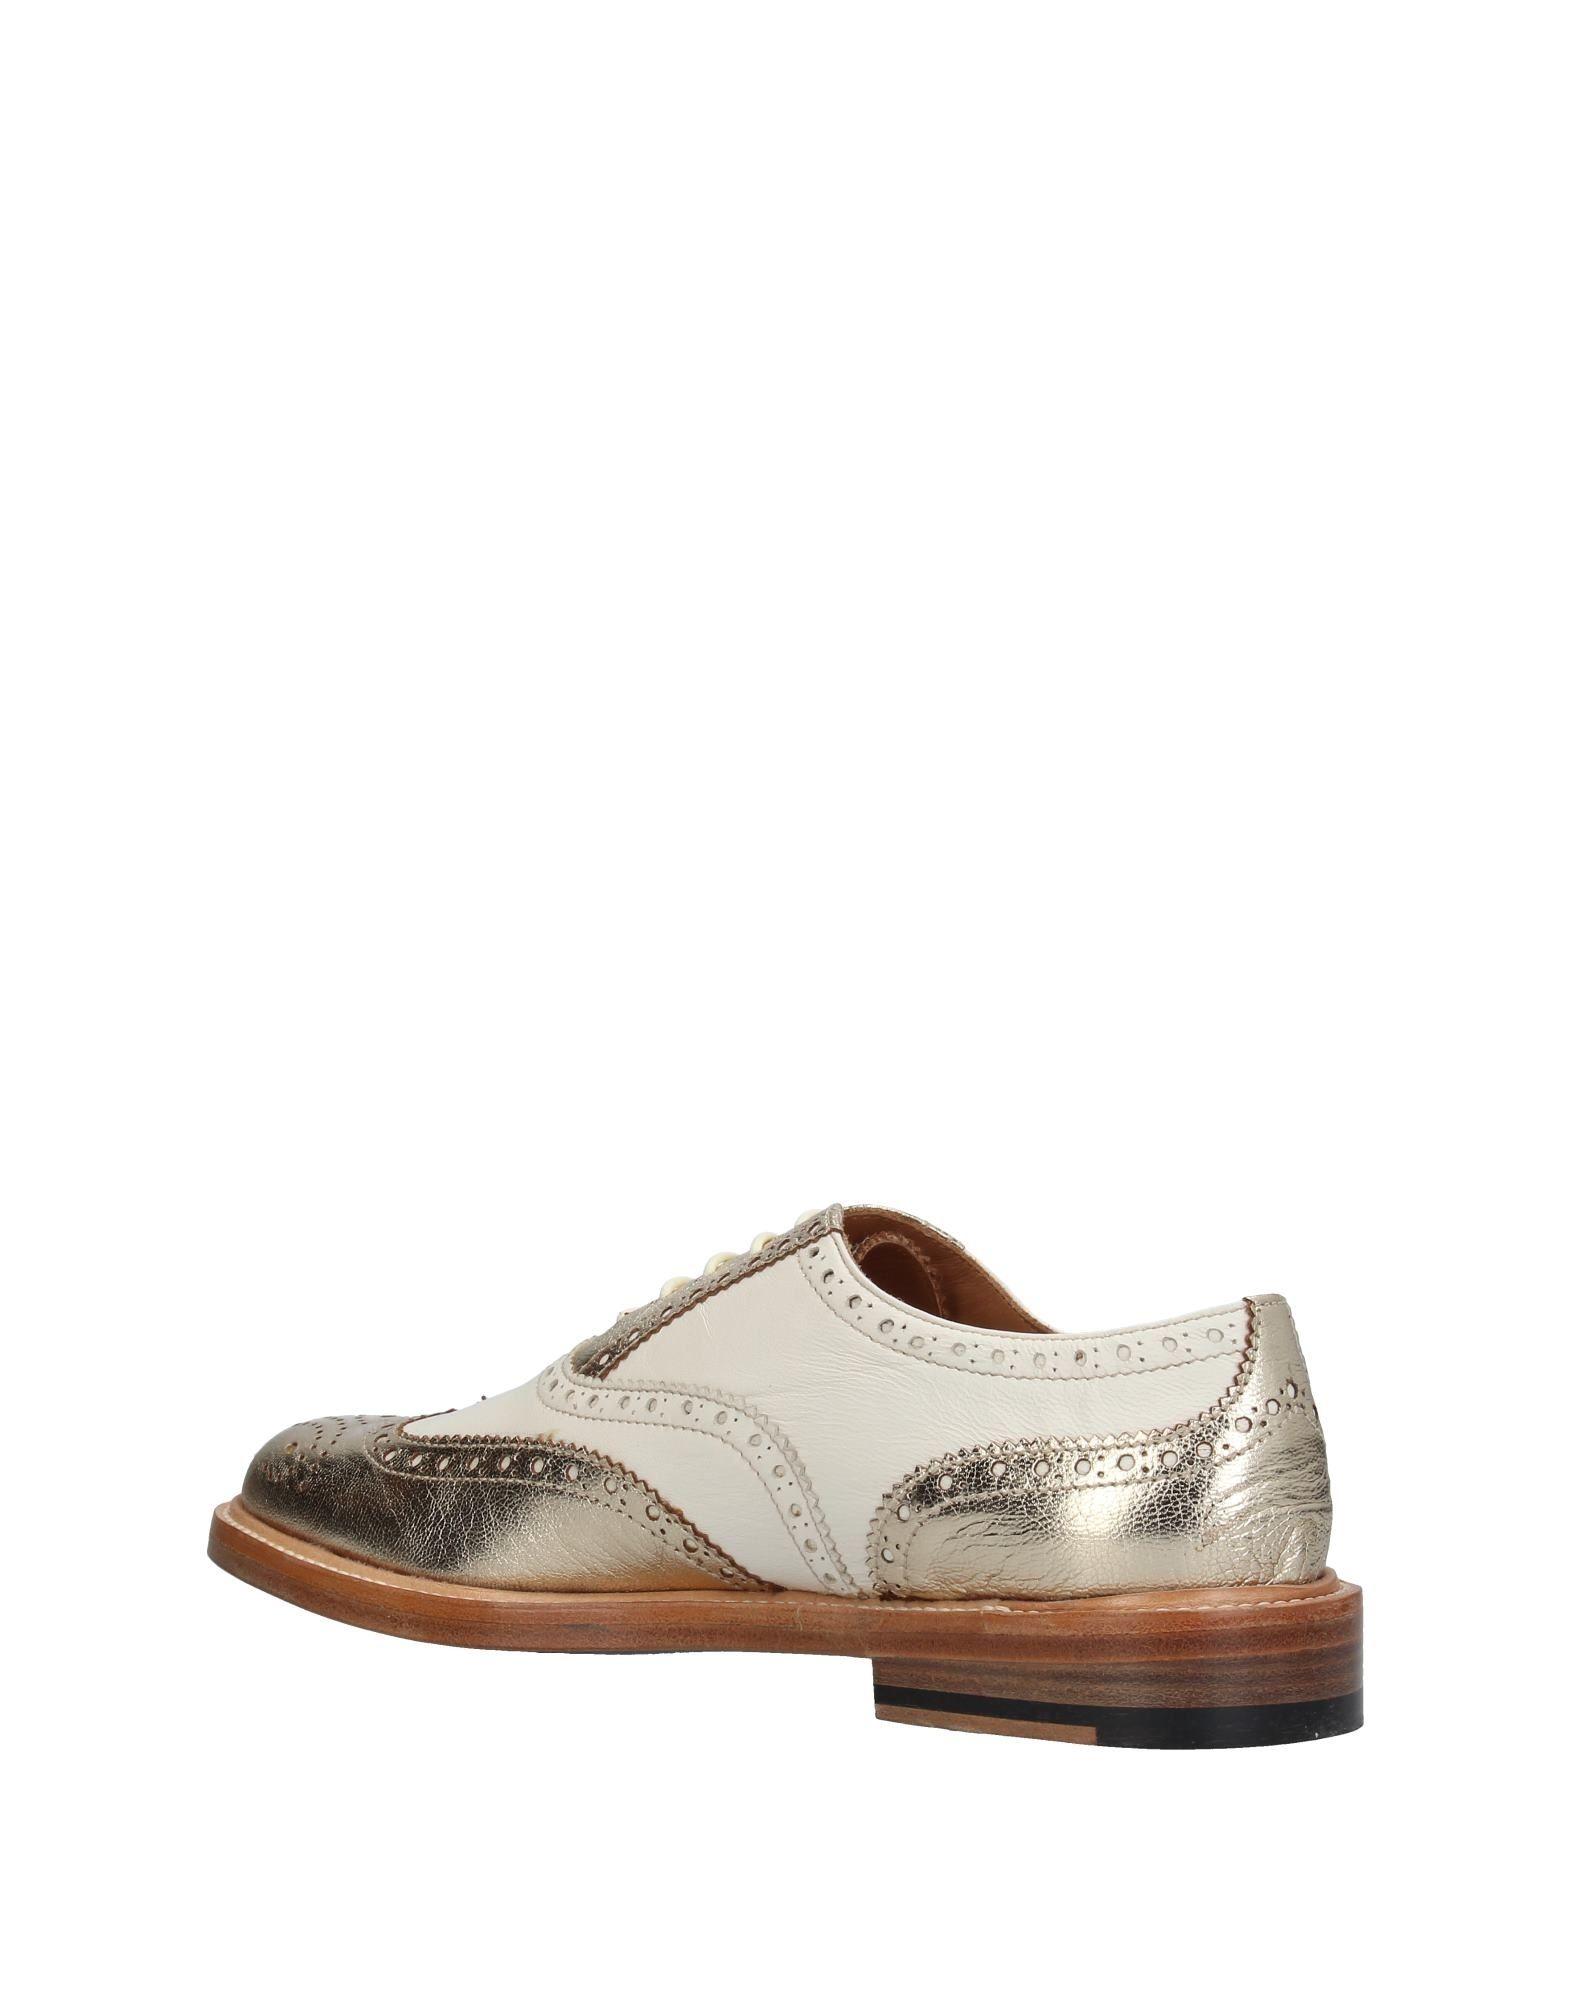 Chaussures - Tribunaux Genny JcBOKHk5